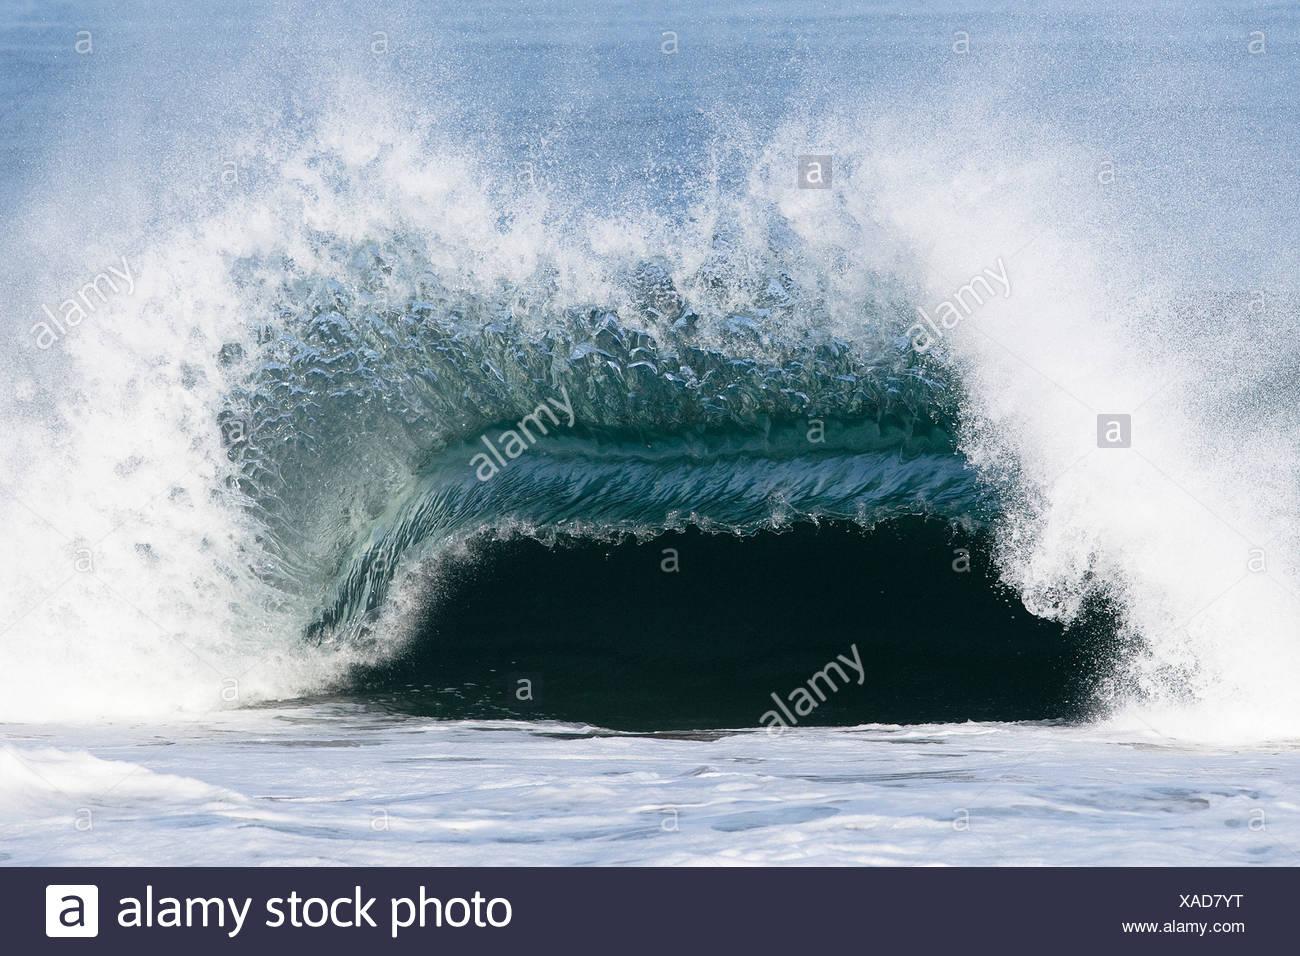 Eine große Welle bricht mit Gewalt über eine flache Sandbank. Stockbild